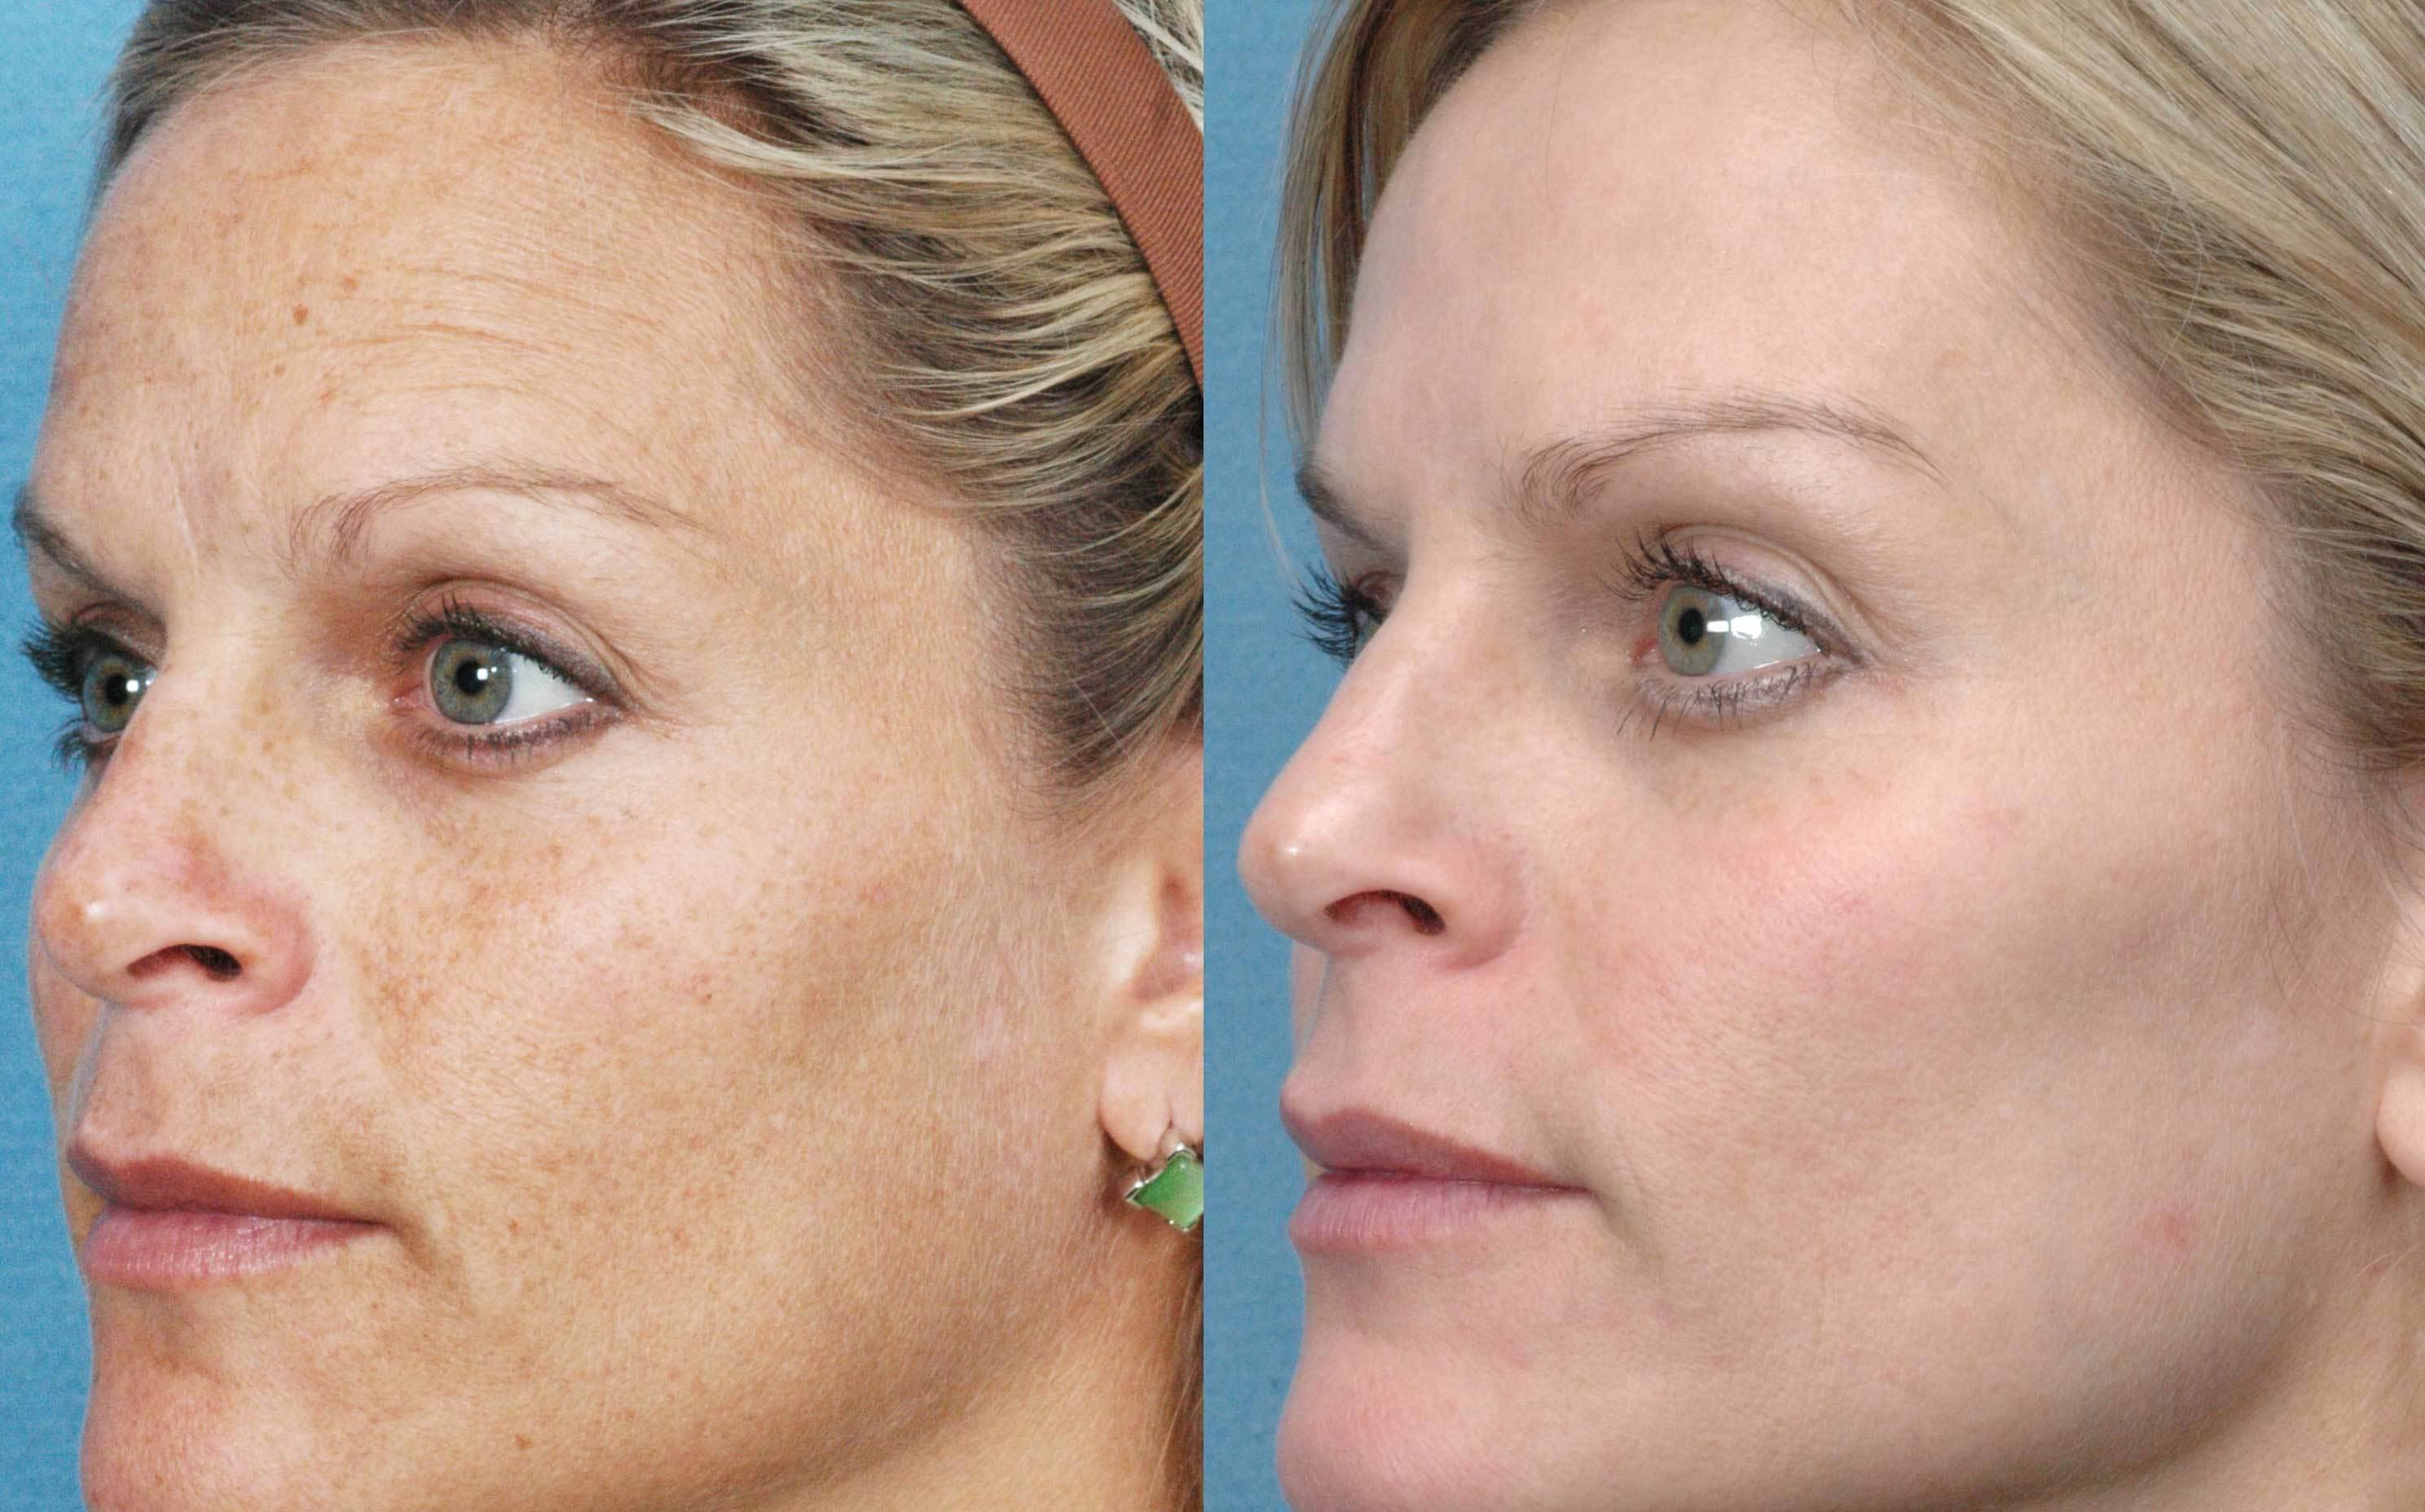 vörös foltok az arcon horzsolások után hogyan lehet megszabadulni pikkelysömör kezelése aktív szénnel